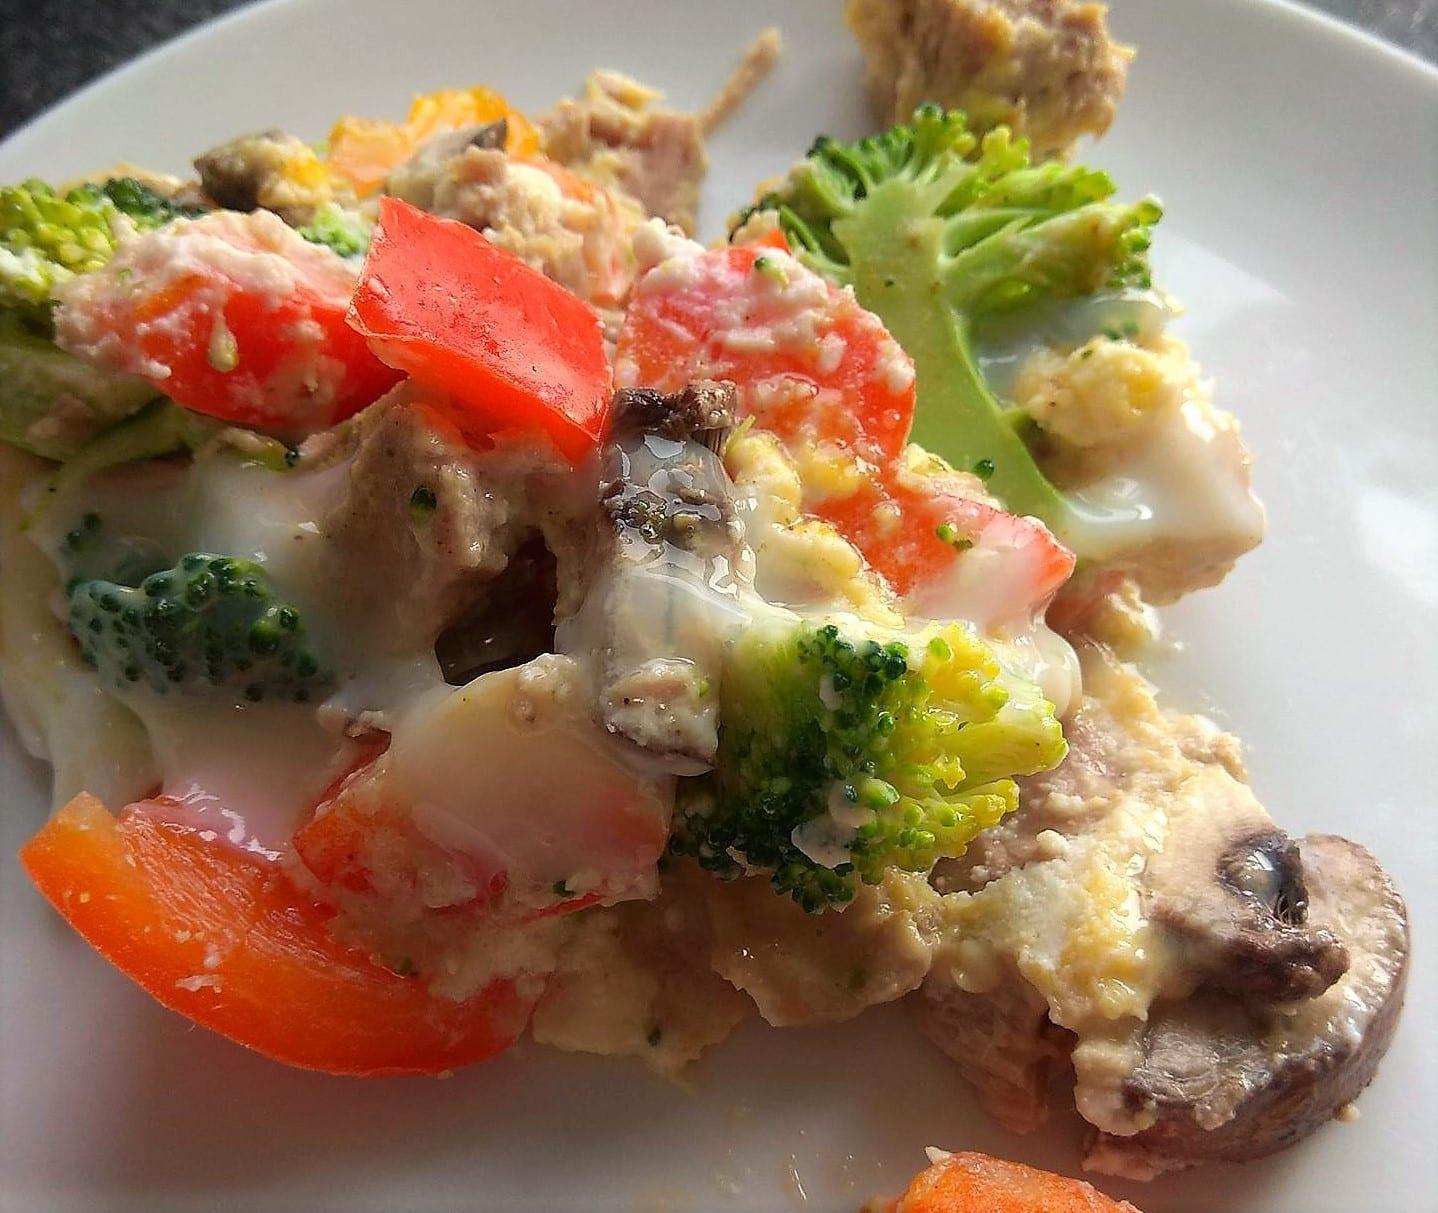 Lieblingsessen, Gemüsepfanne, Pfannengemüse mit Ricotta, vegetarisch, zuckerfrei, clean eating, gesund abnehmen. Ernährungsumstellung, Puddingklecks